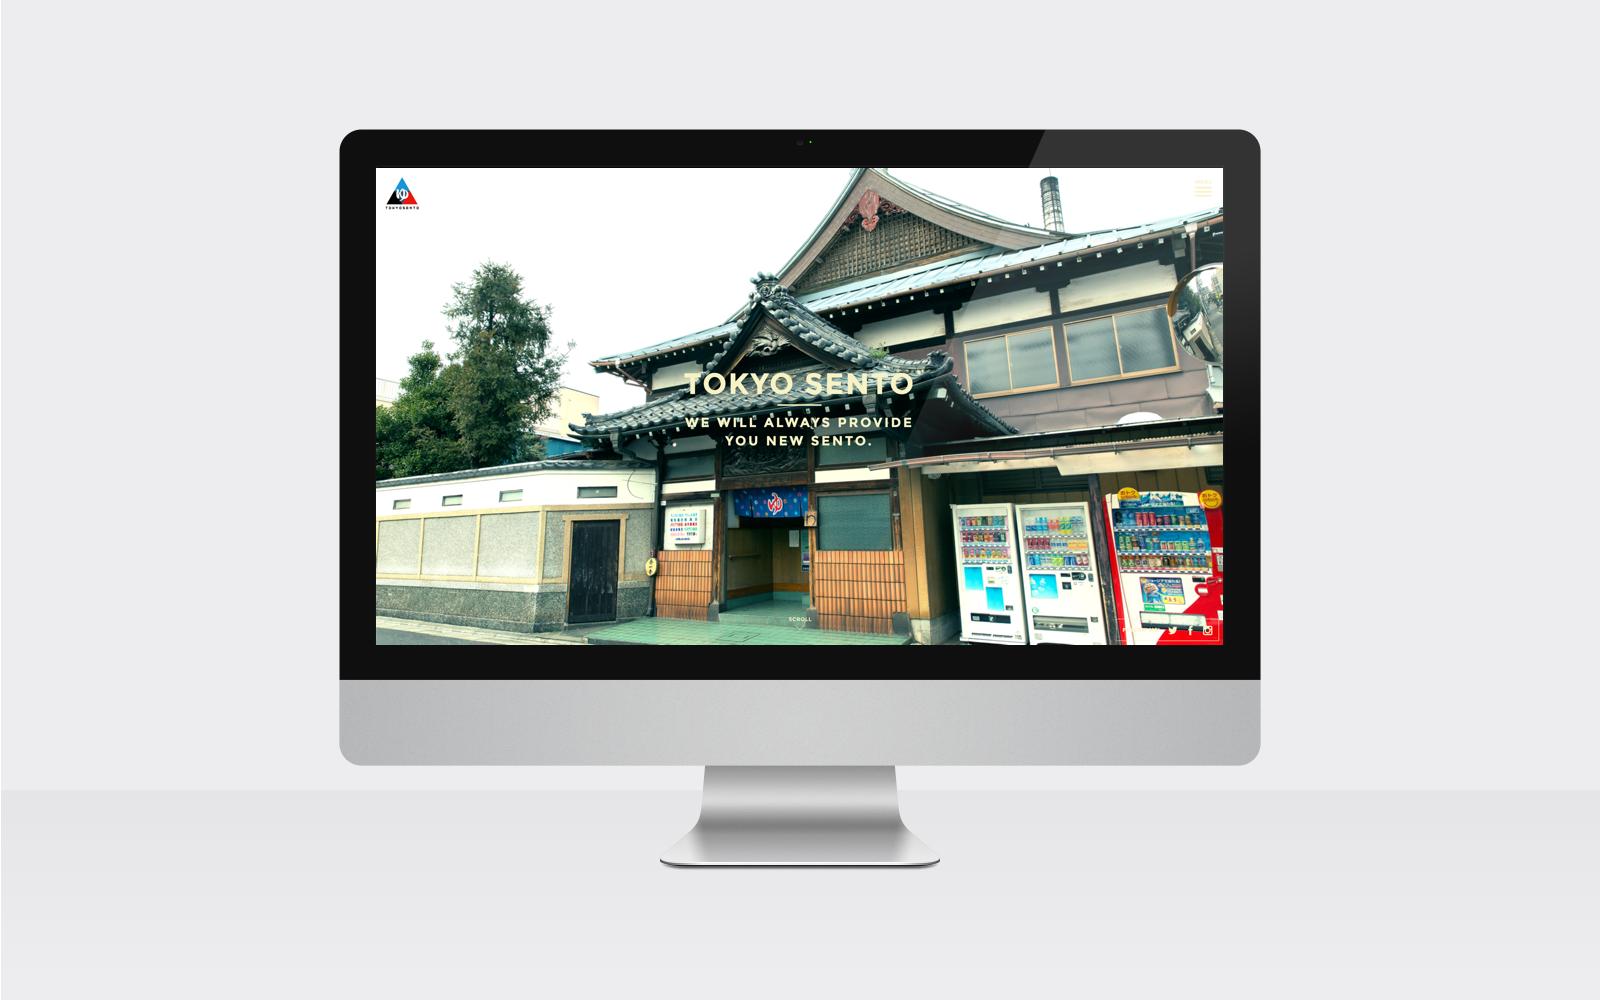 ウェブメディア「東京銭湯 – TOKYO SENTO -」